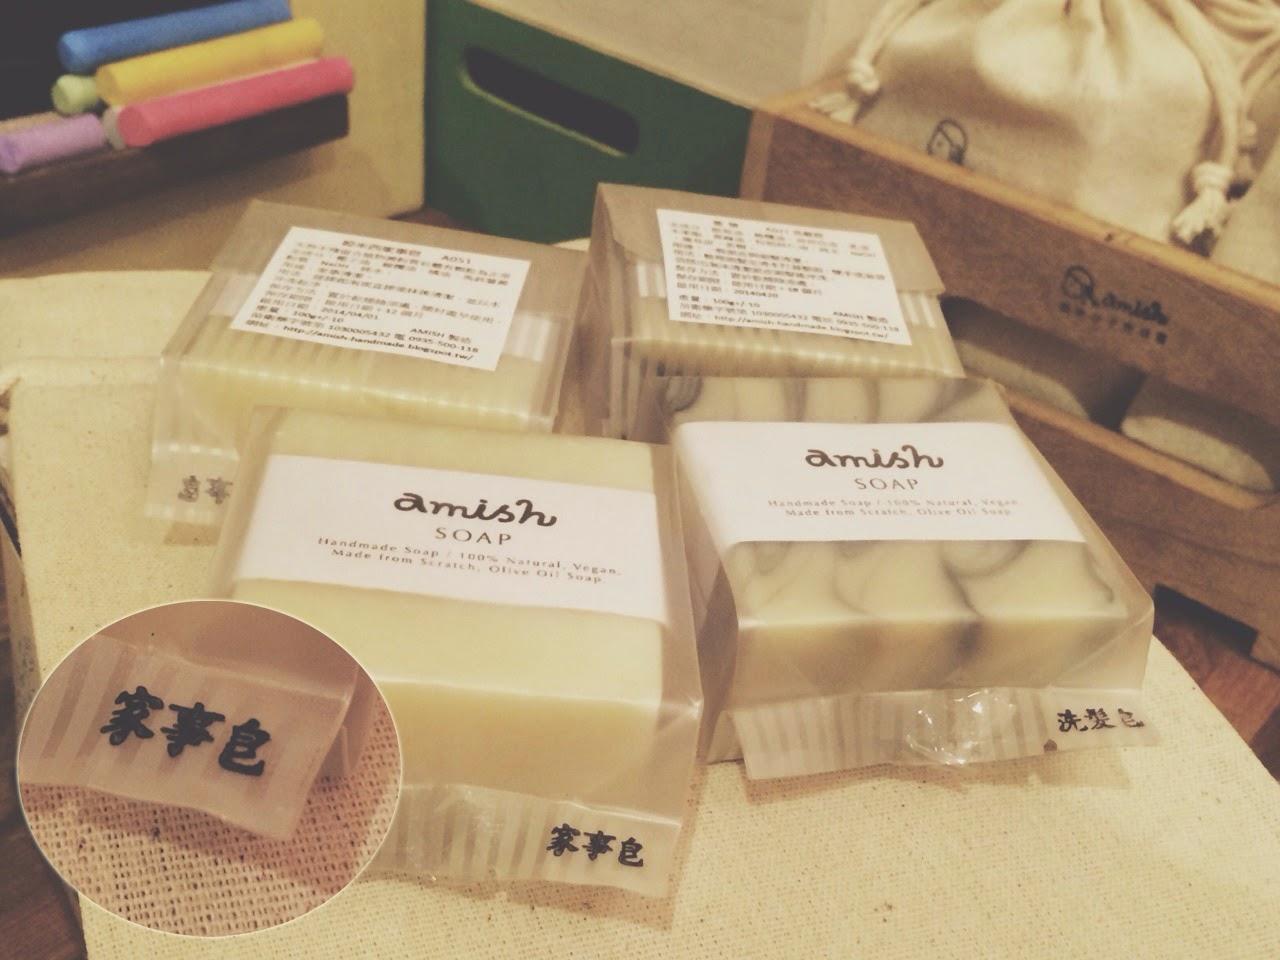 婭米西的手工皂包裝 - 婭米西手作日常 / Amish Handmade / 手工皂 烘培 雜貨